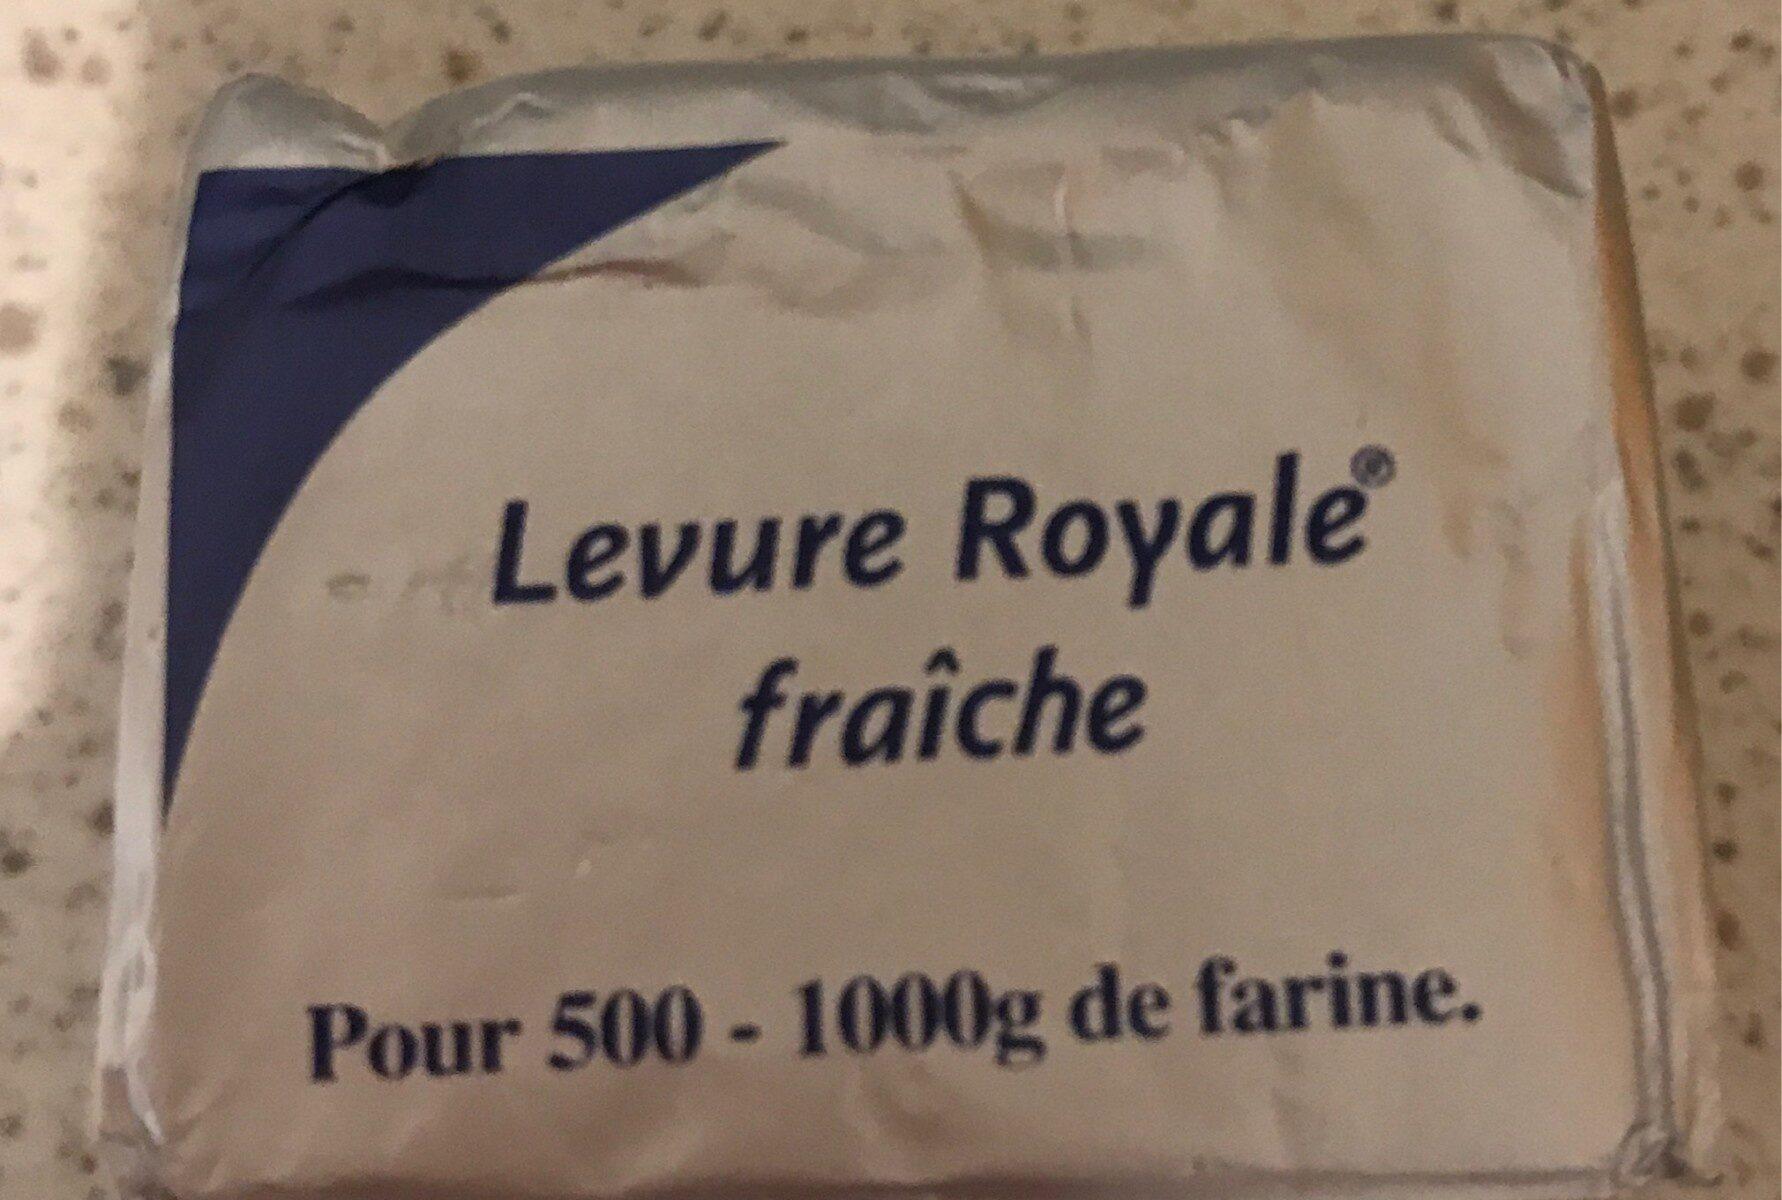 Levure Royale Fraîche - Product - fr